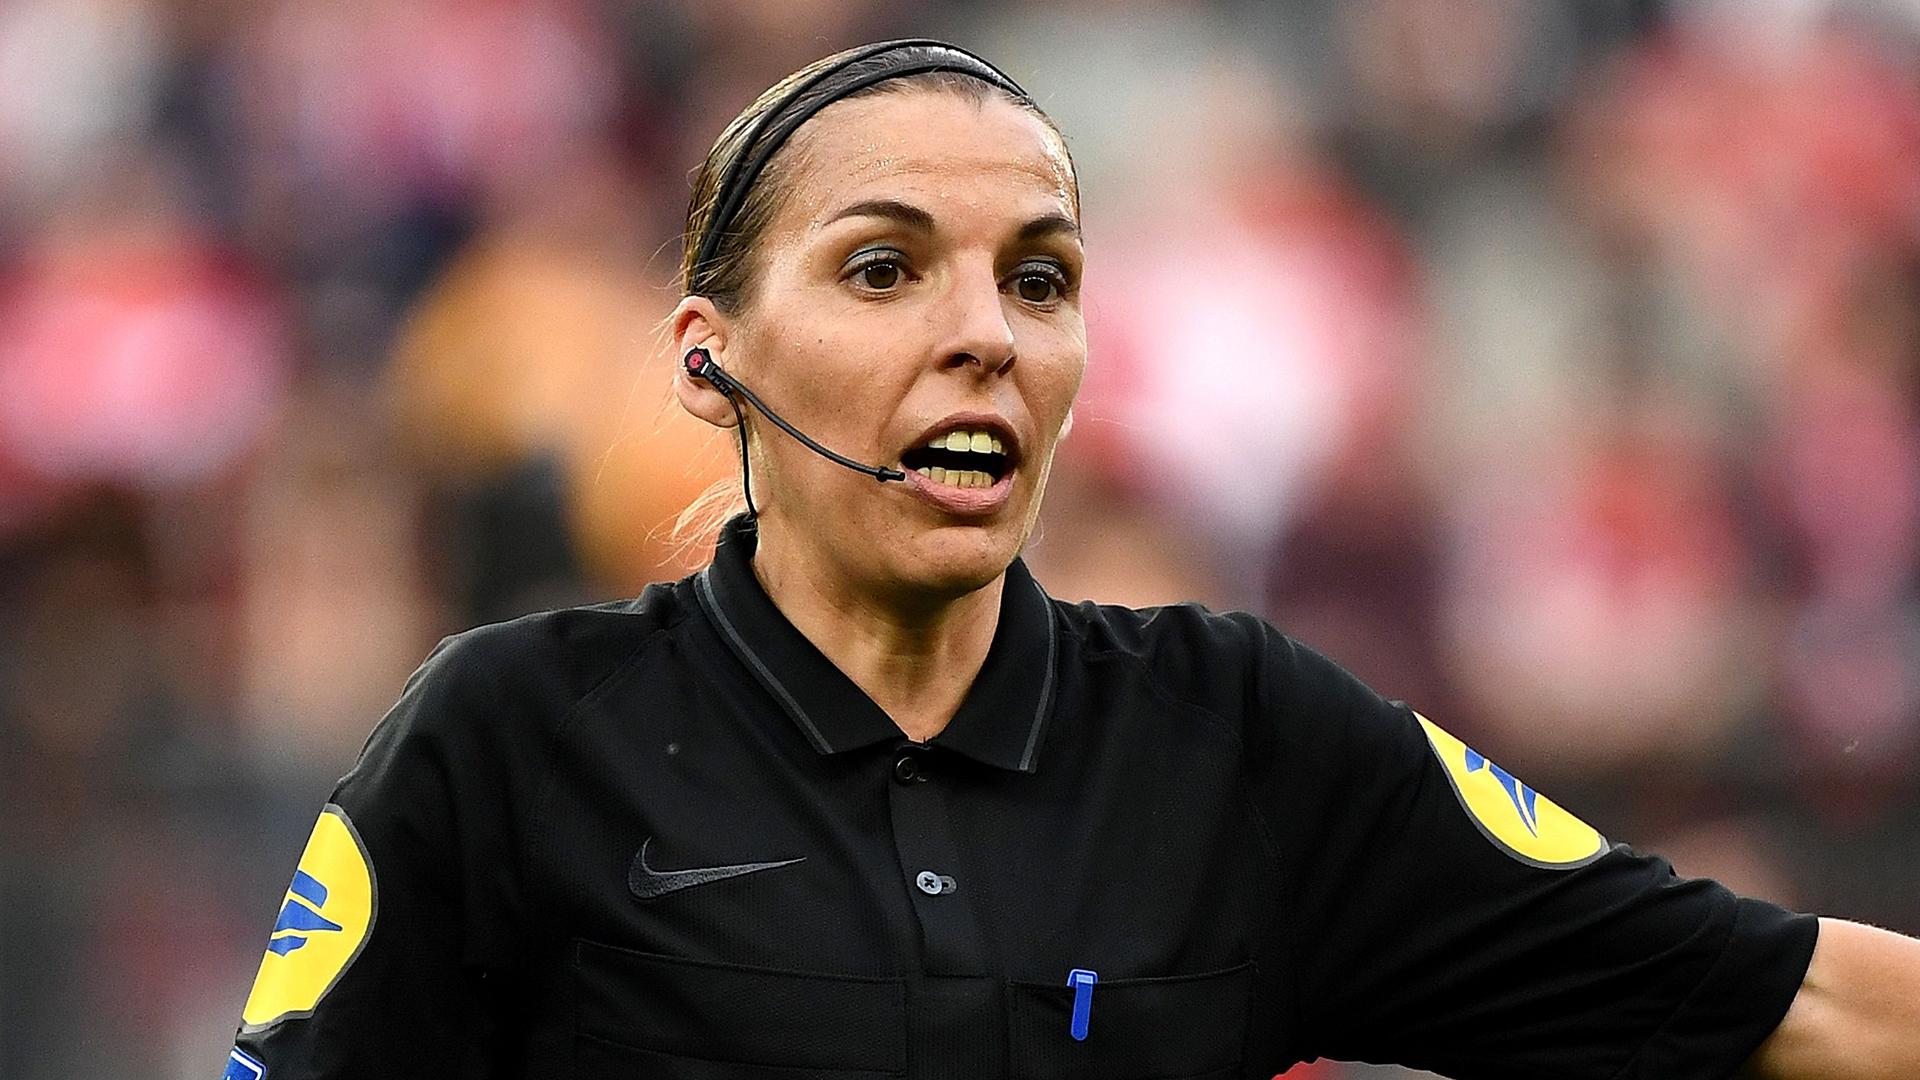 女裁弗拉帕特:不怕切尔西利物浦的超级杯